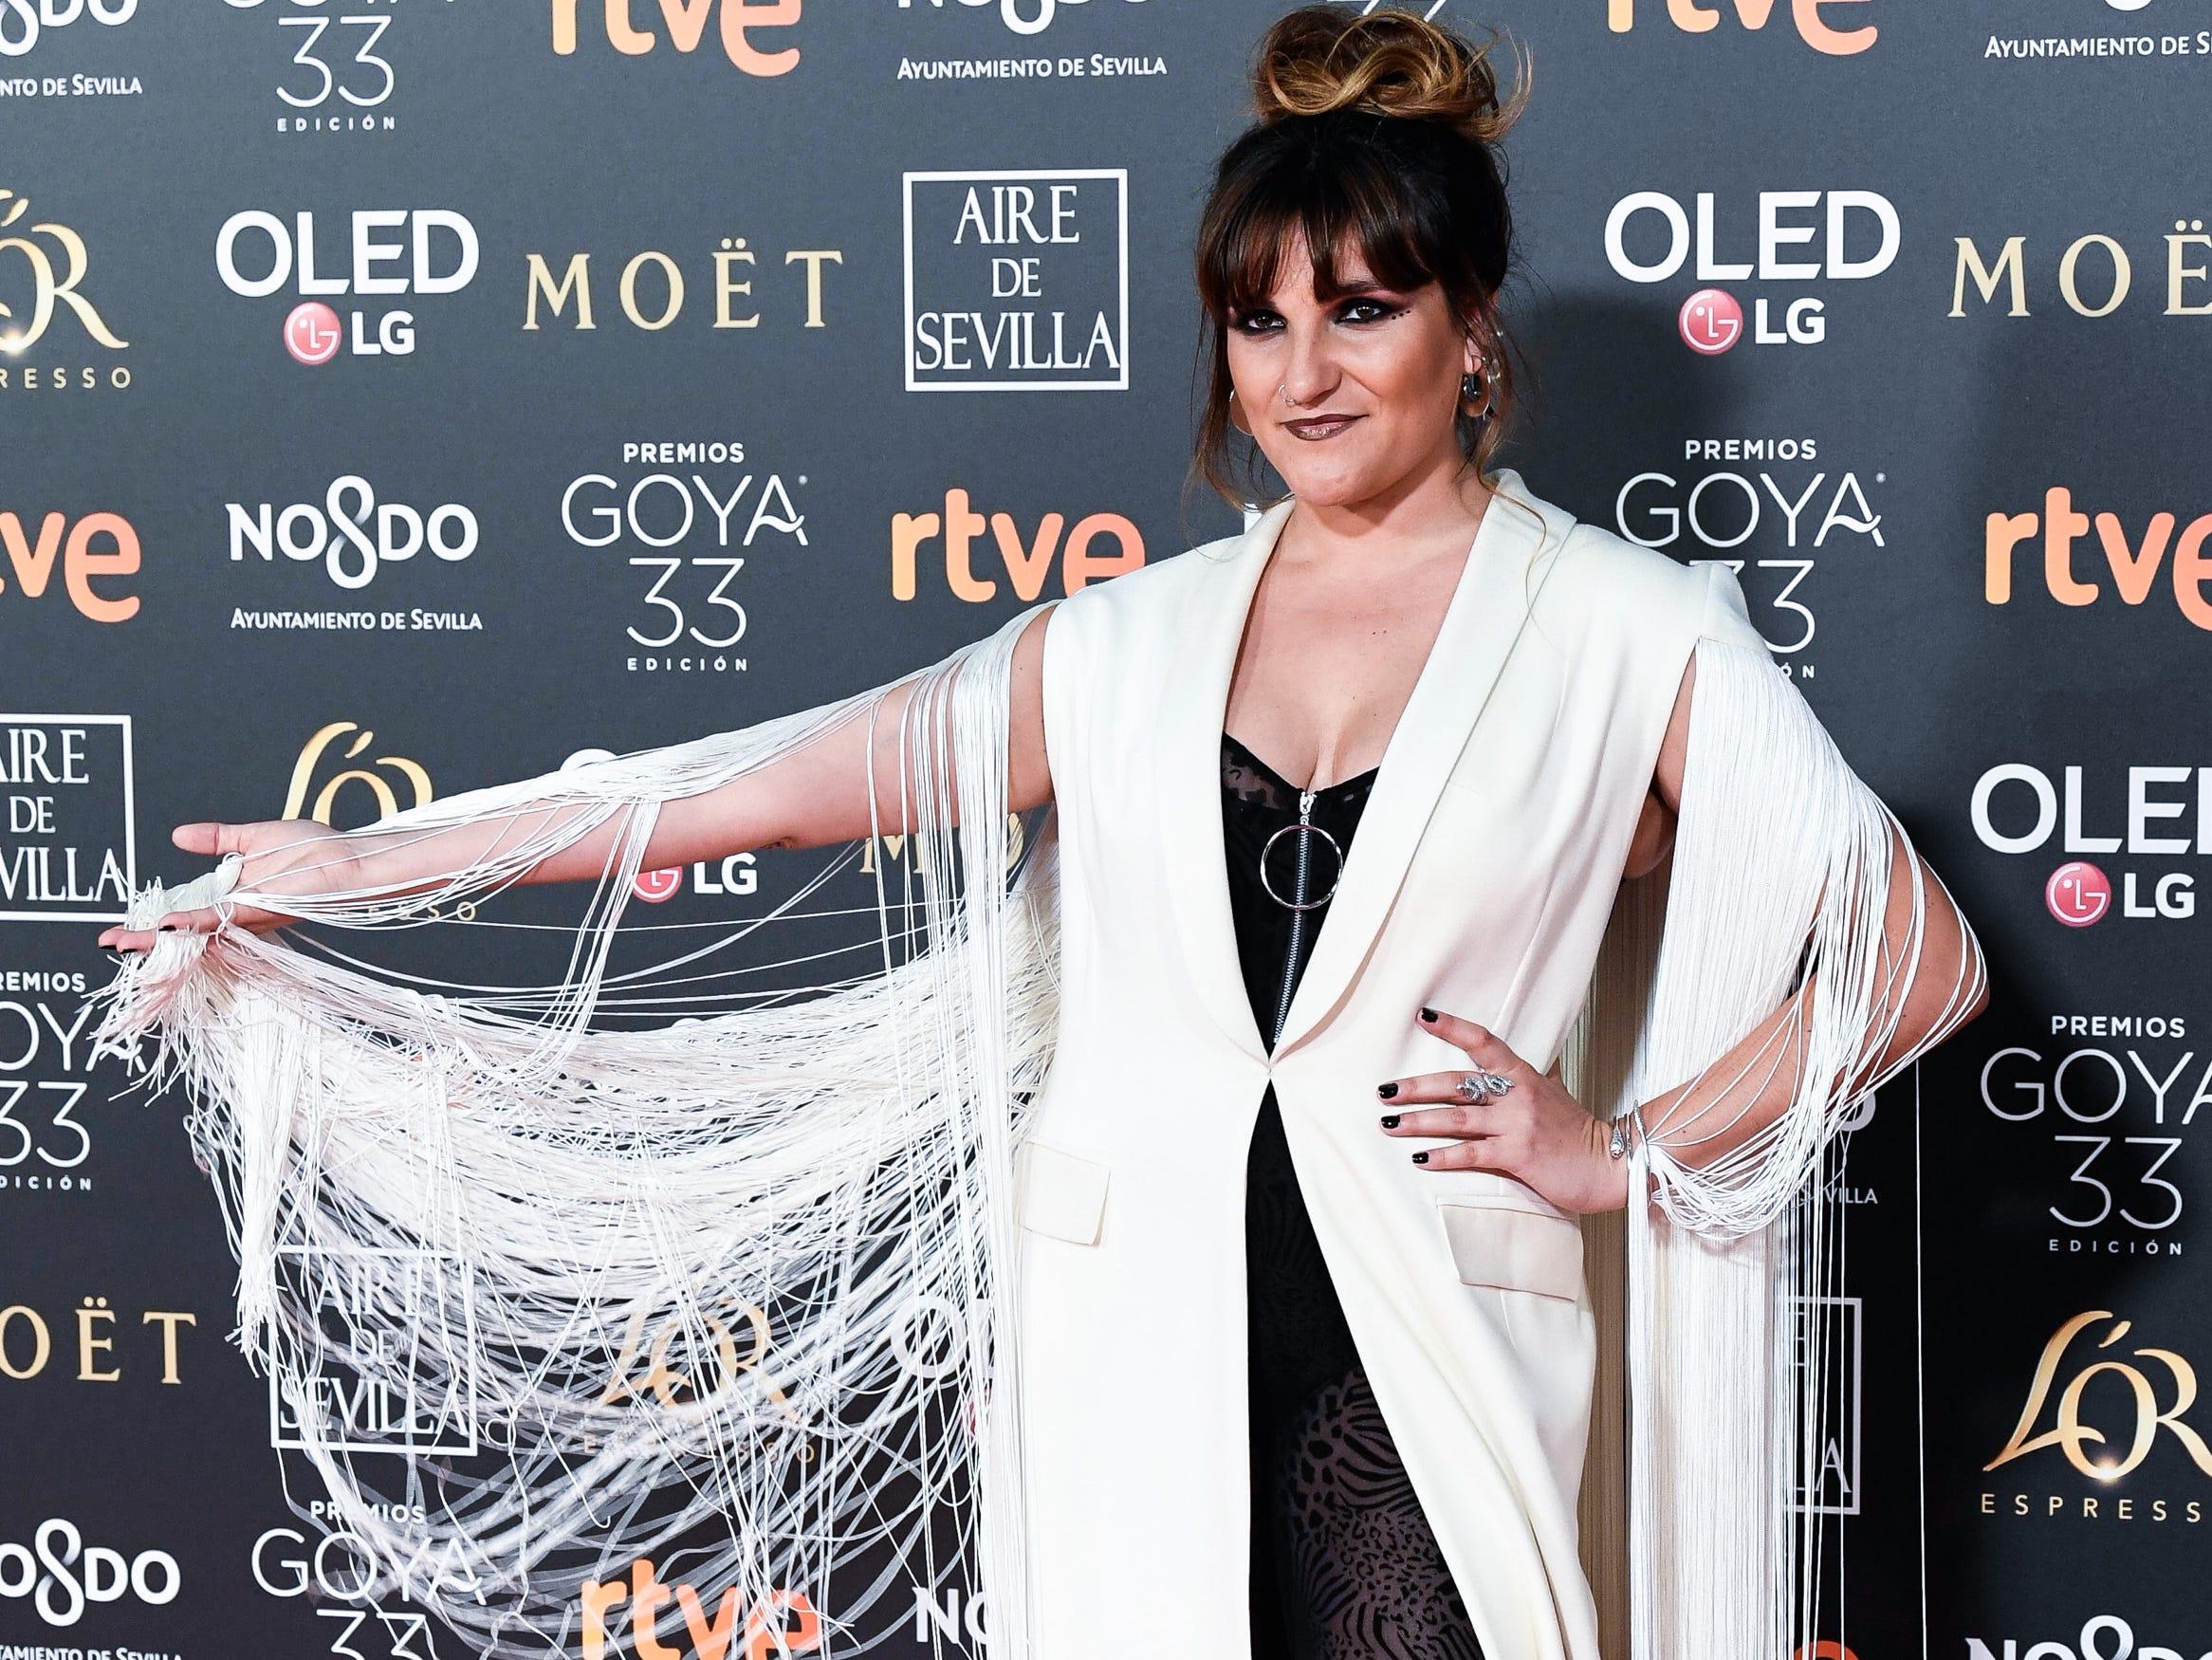 Rozalen asiste a la 33ª edición de los Premios de Cine Goya en el Palacio de Congresos y Exposiciones FIBES el 2 de febrero de 2019 en Sevilla, España.